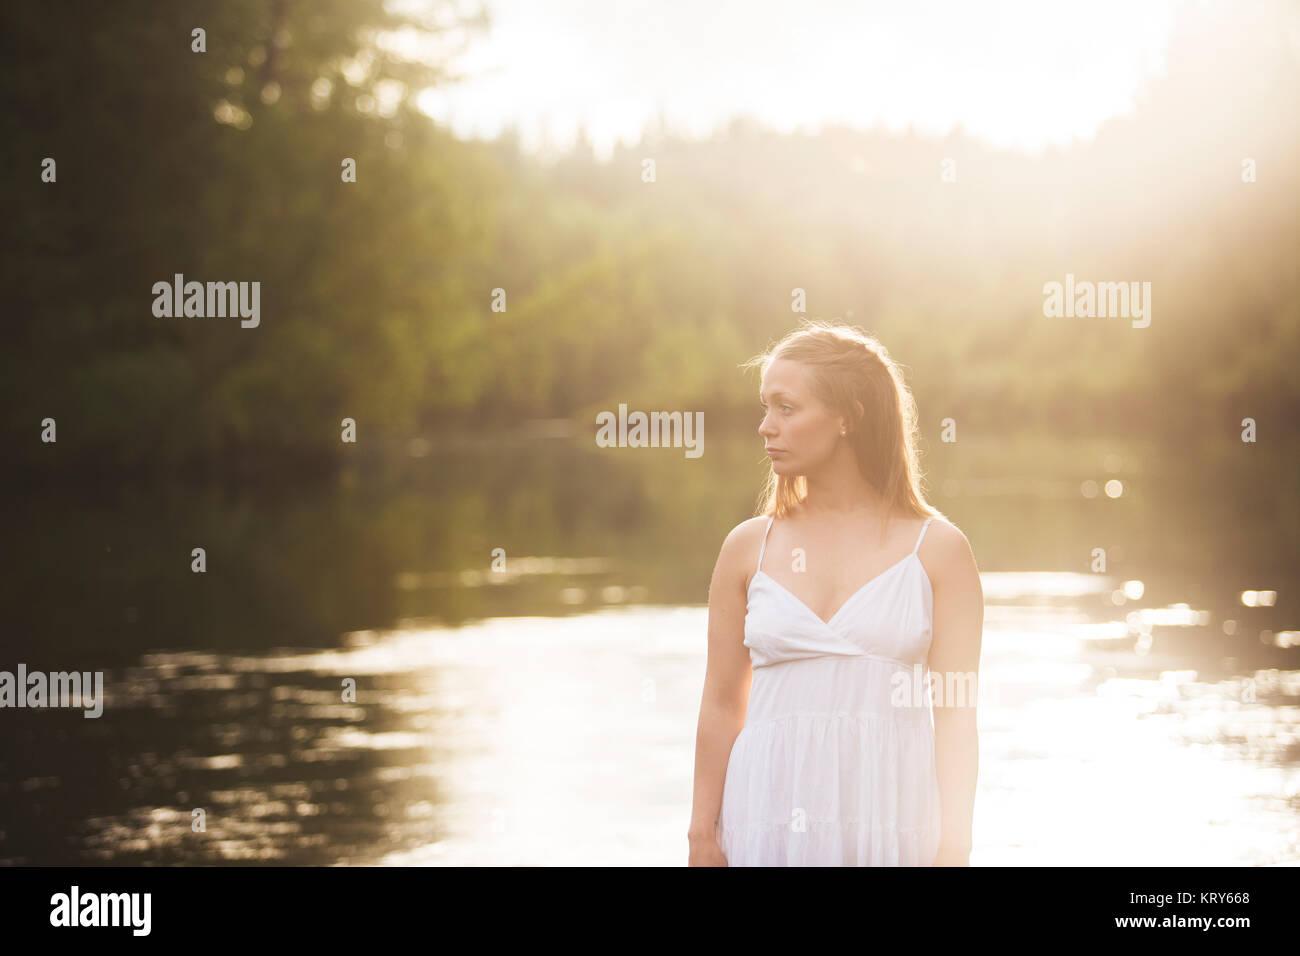 Donna che indossa abito bianco dal fiume Immagini Stock